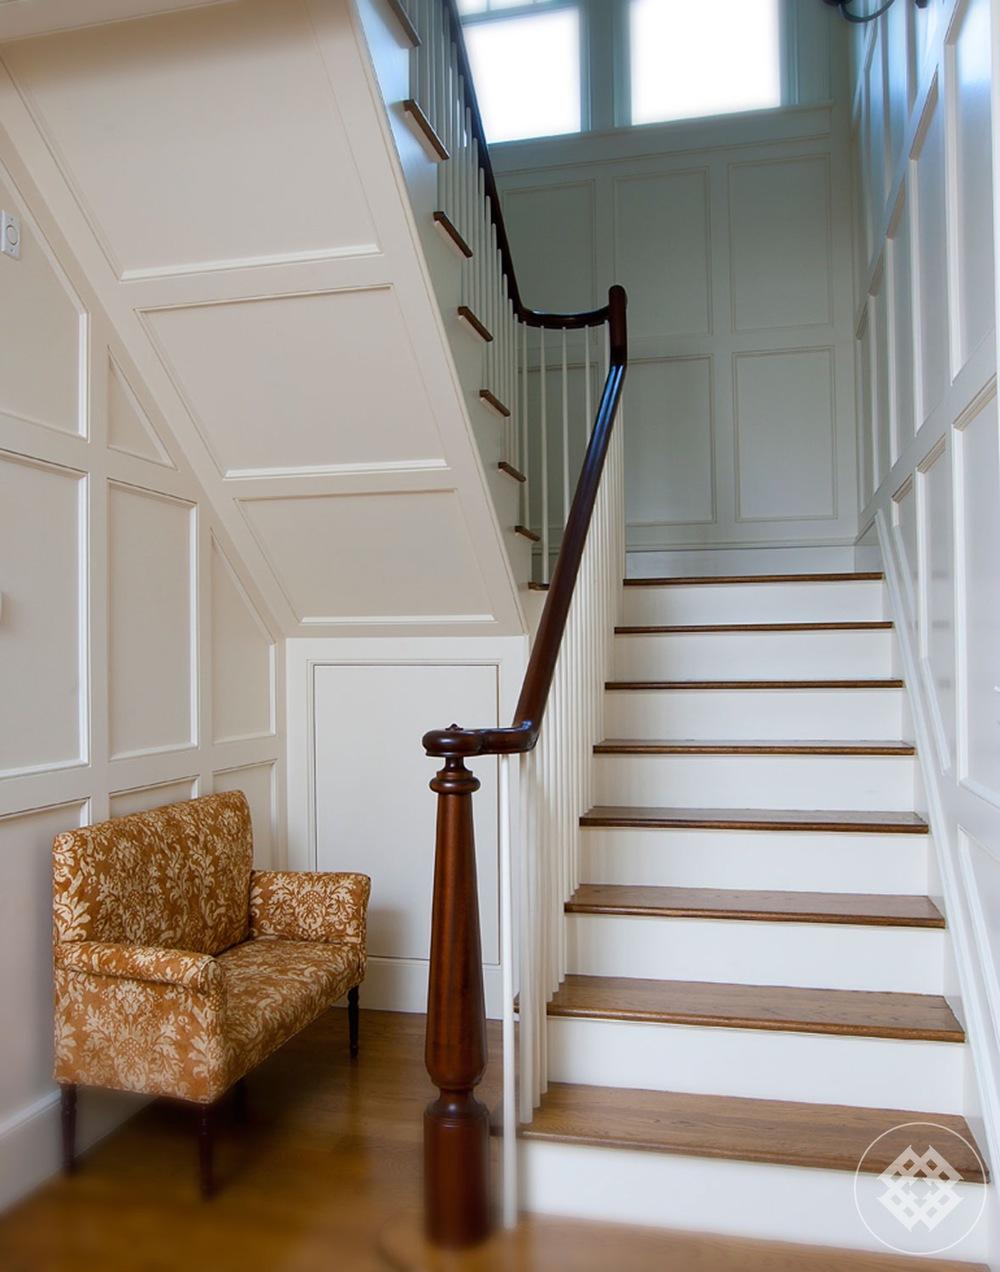 aov-stair3518-1179x1500.jpg